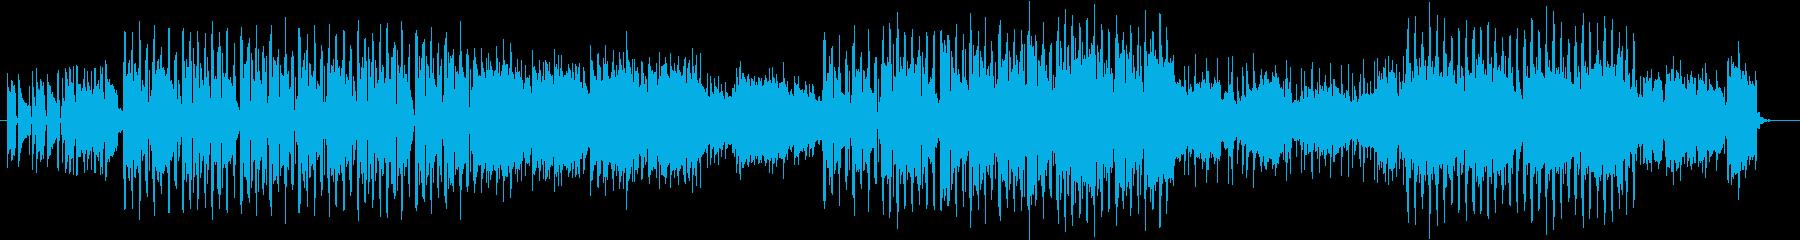 旅系動画のBGMに合うアコースティックの再生済みの波形